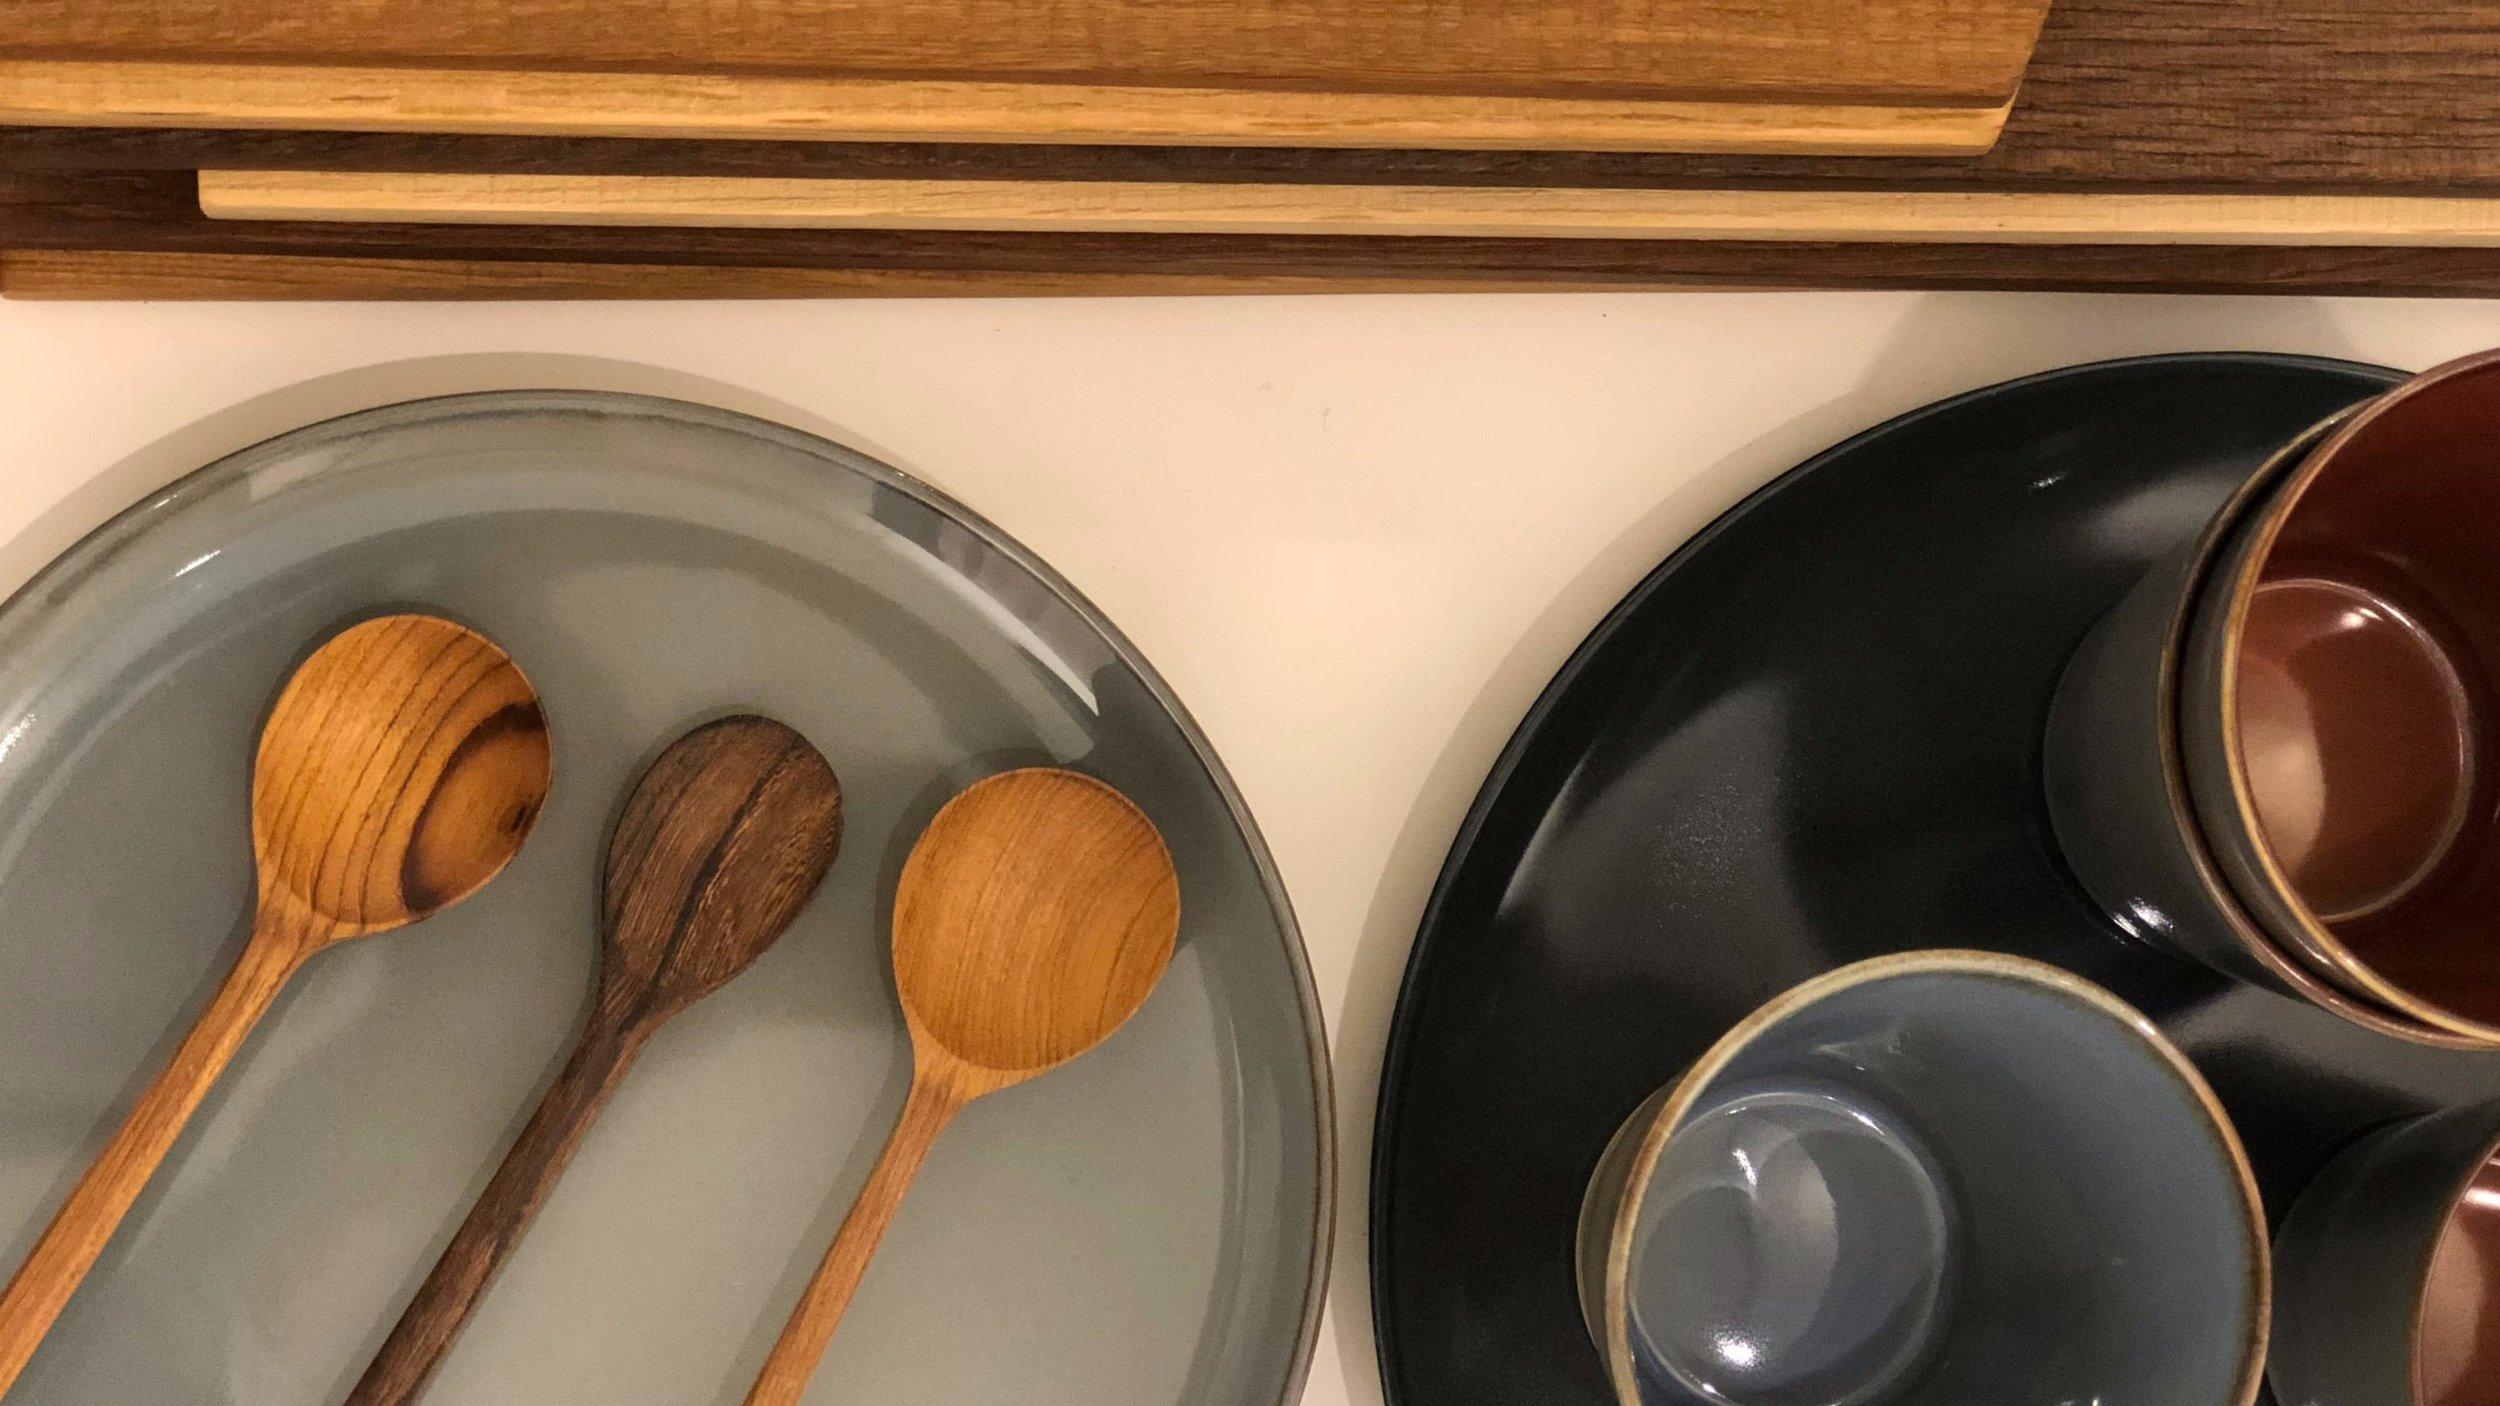 2019-04-keramik-serax2.jpg